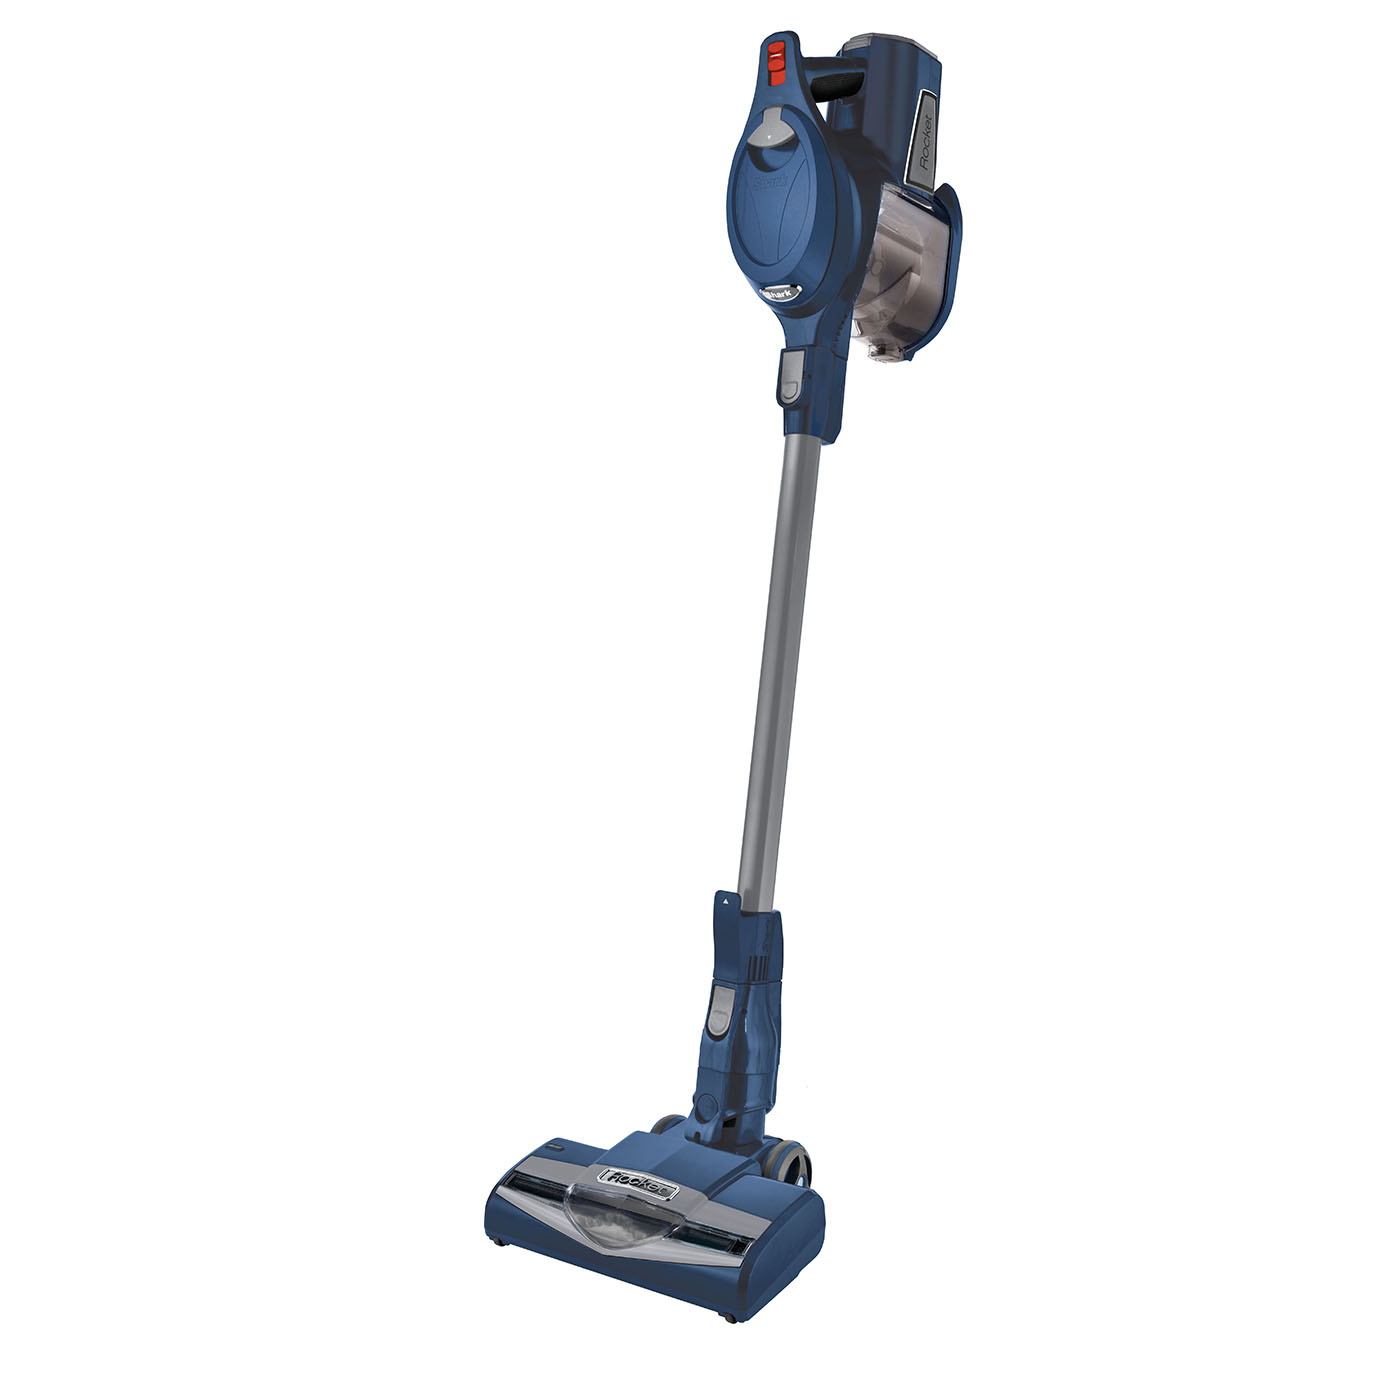 Shark Corded Stick Vacuum Cleaner Hv300ukr